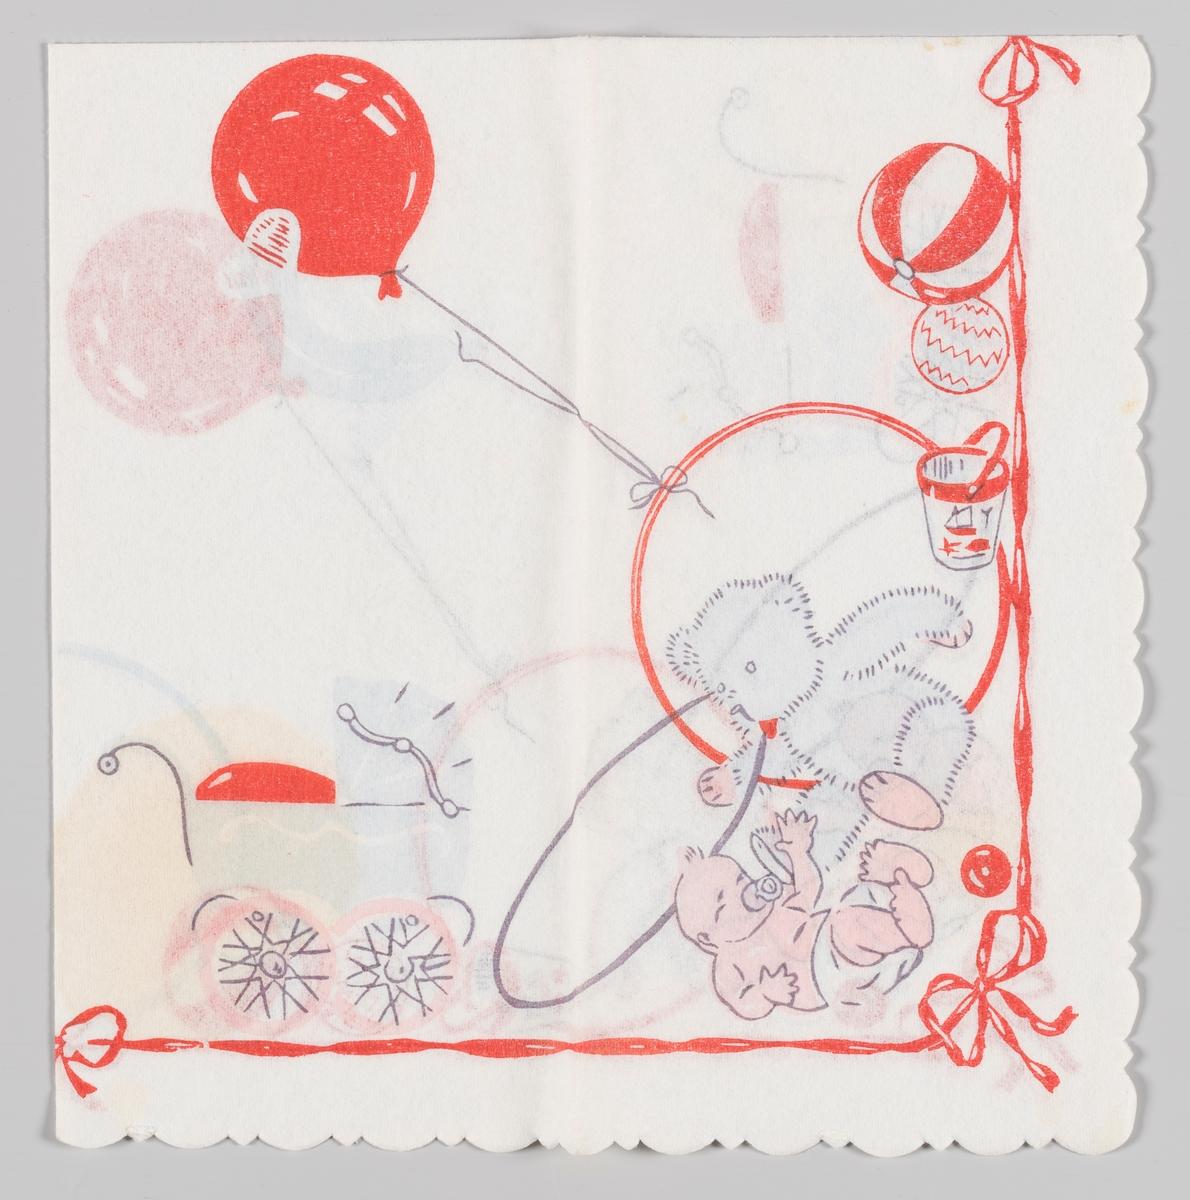 En baby med smokk og en bame omgitt av en barnevogn, leker og ballonger. Sløyfe og et langt rødt bånd langs kanten.